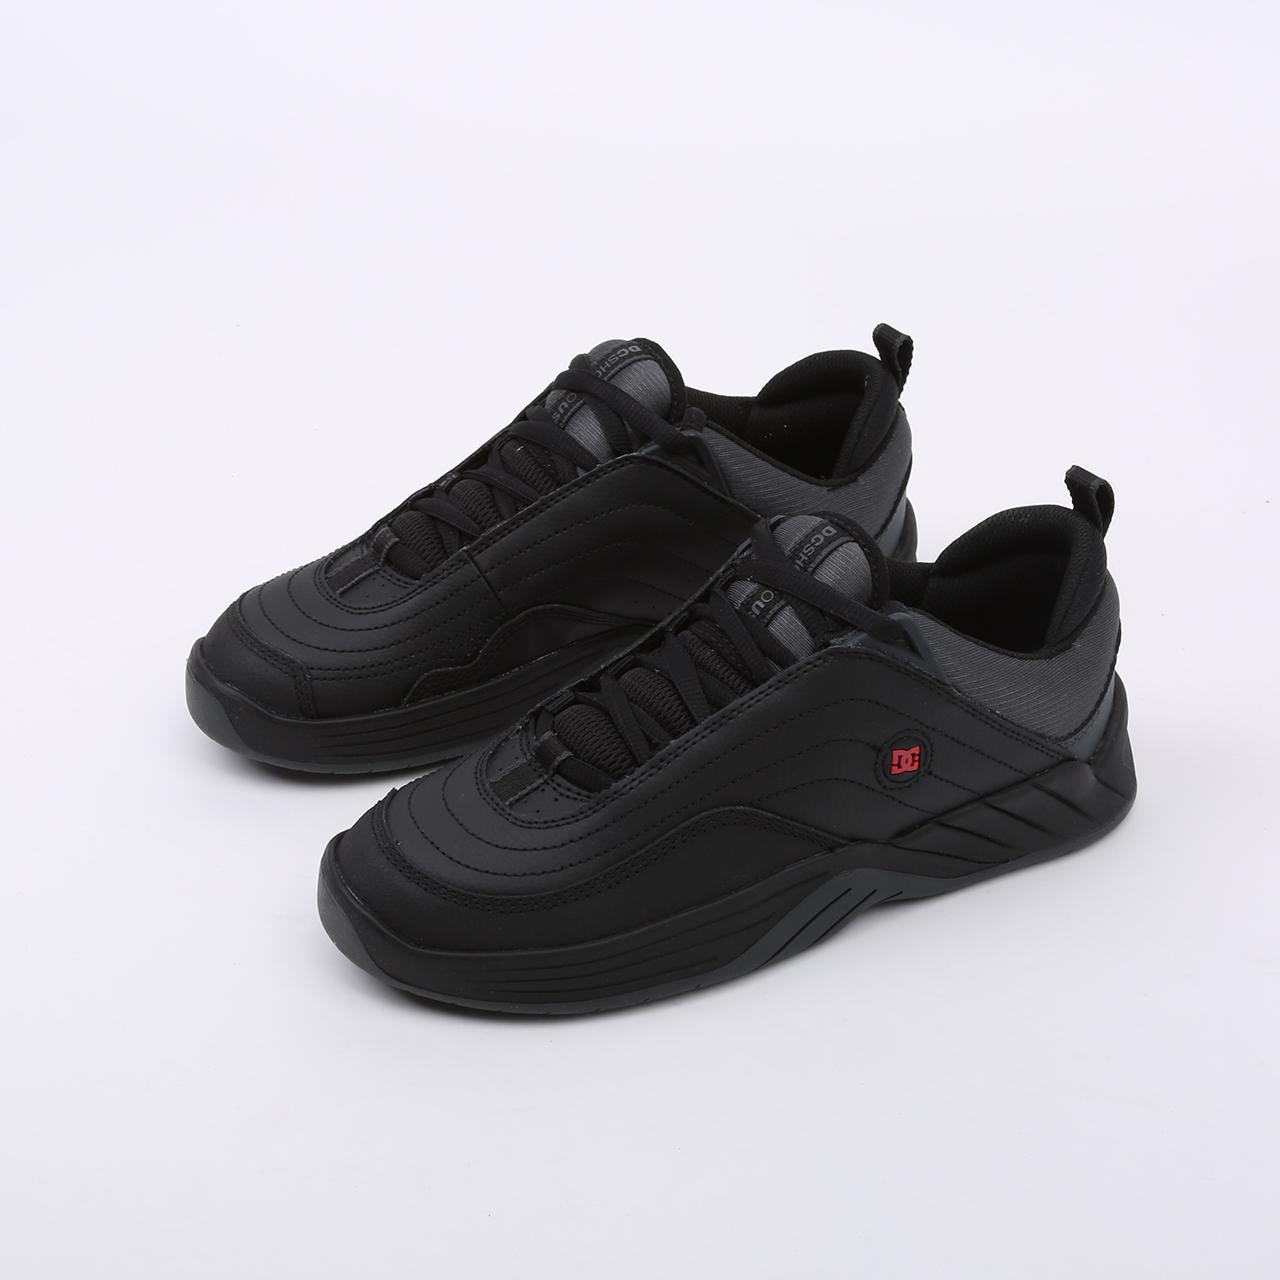 мужские чёрные  кроссовки dc shoes williams slim ADYS100539-bda-bda - цена, описание, фото 5